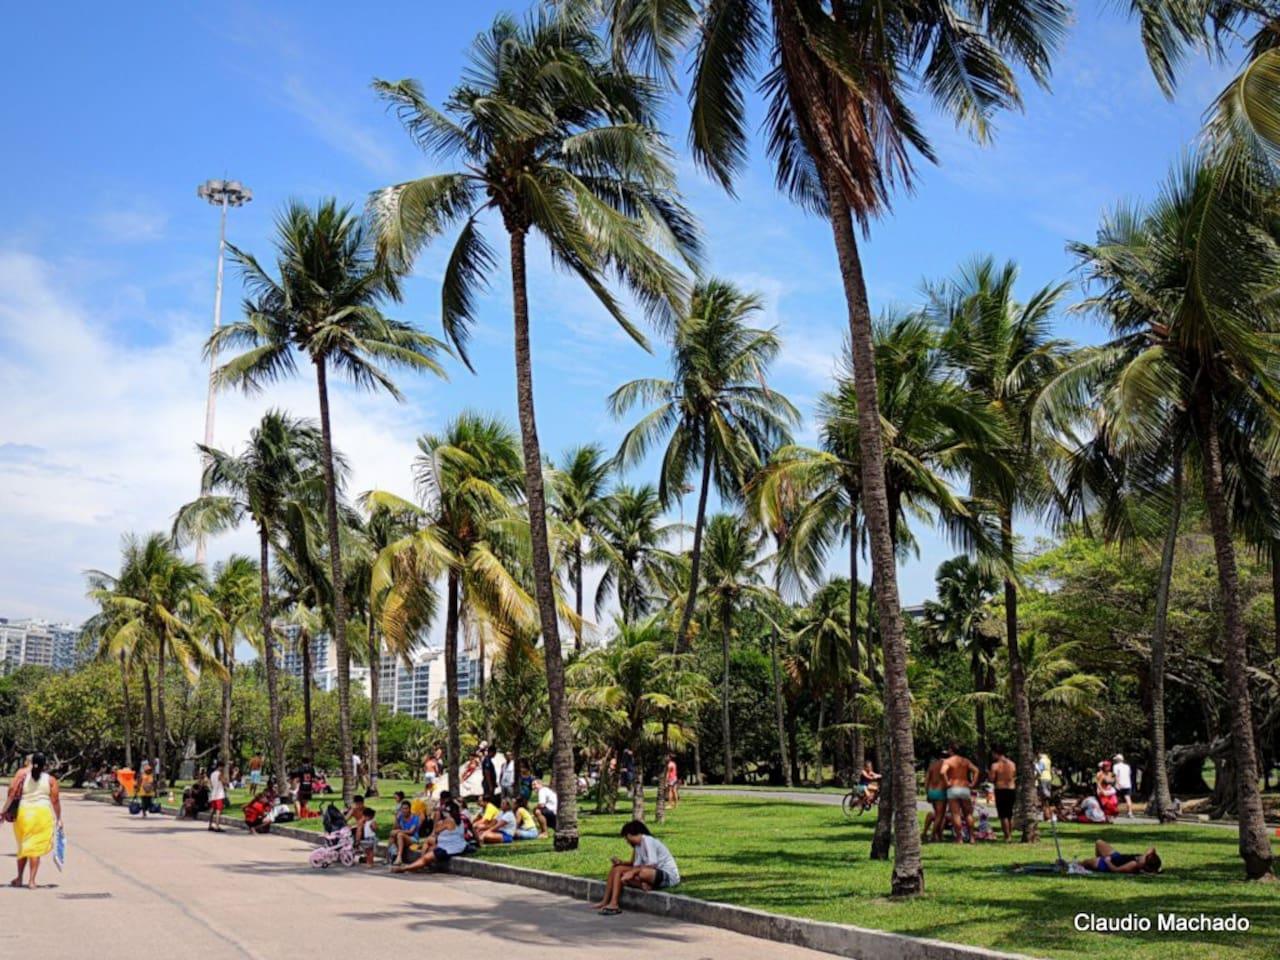 Flamengo Park/Beach, a great leisure area - postcard view to the Sugar Loaf - 3 min. away / Muito lazer no Parque do Flamengo - linda vista p/ o Pão de Açúcar à 3 minutos